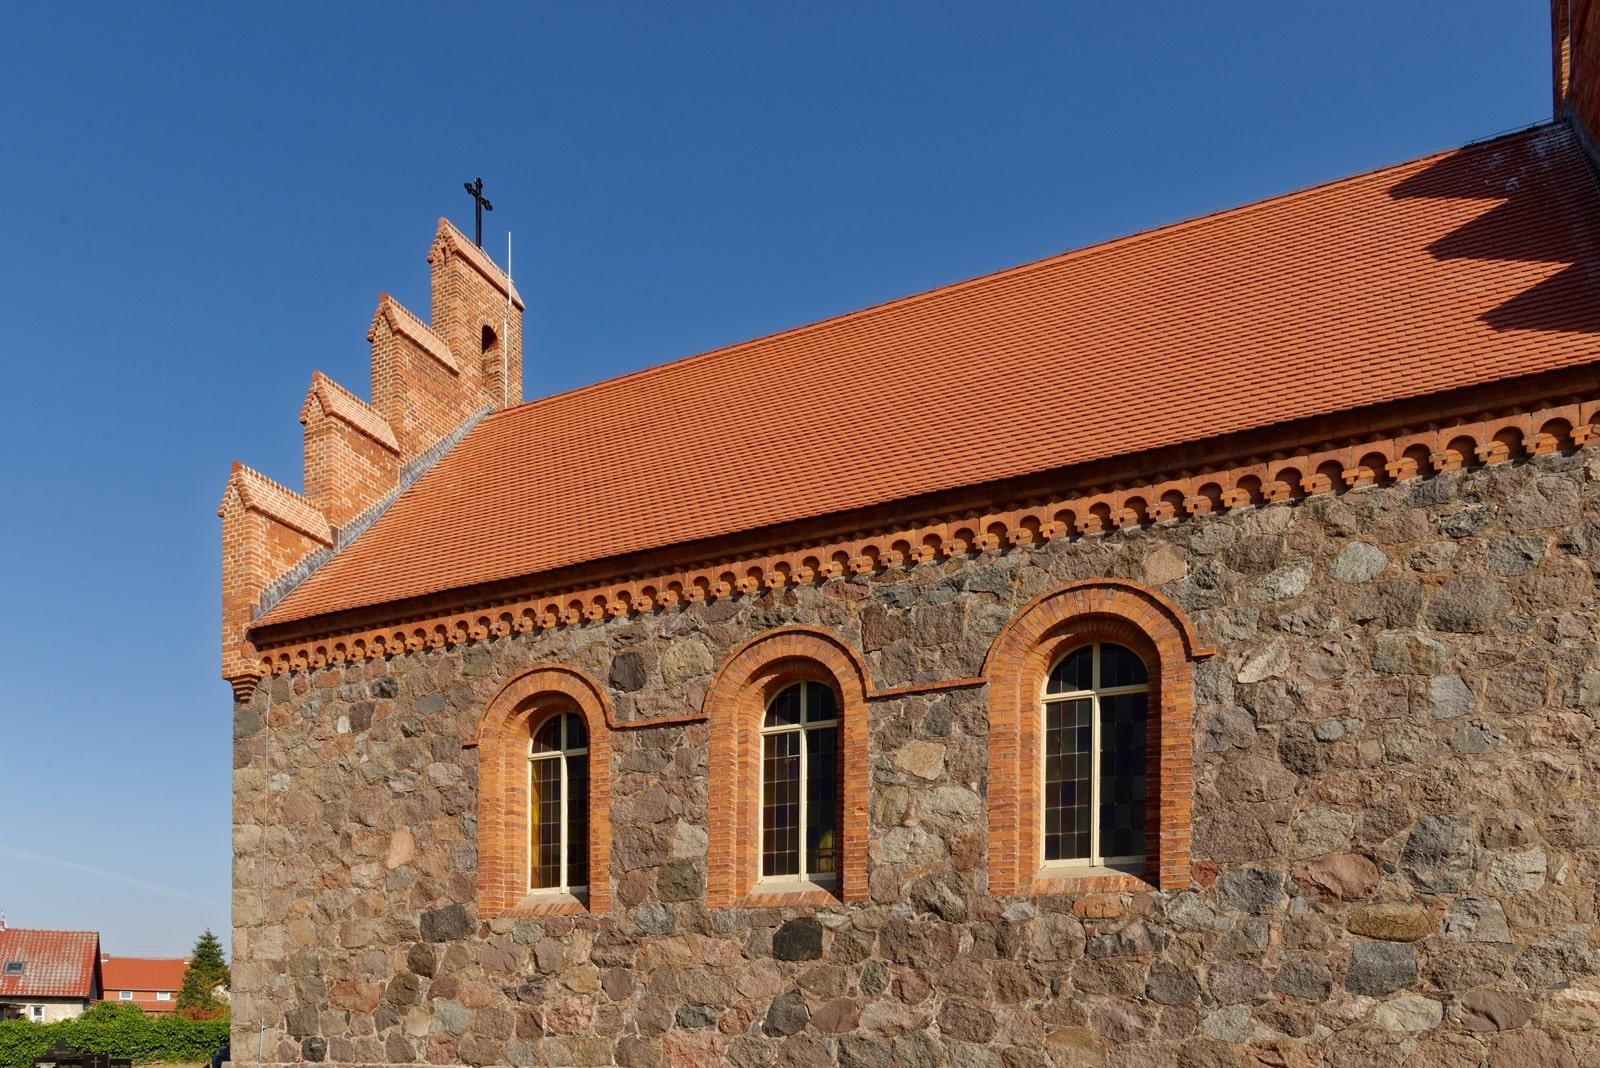 Südseite der Kirche in Wegezin mit neuem Kreuz